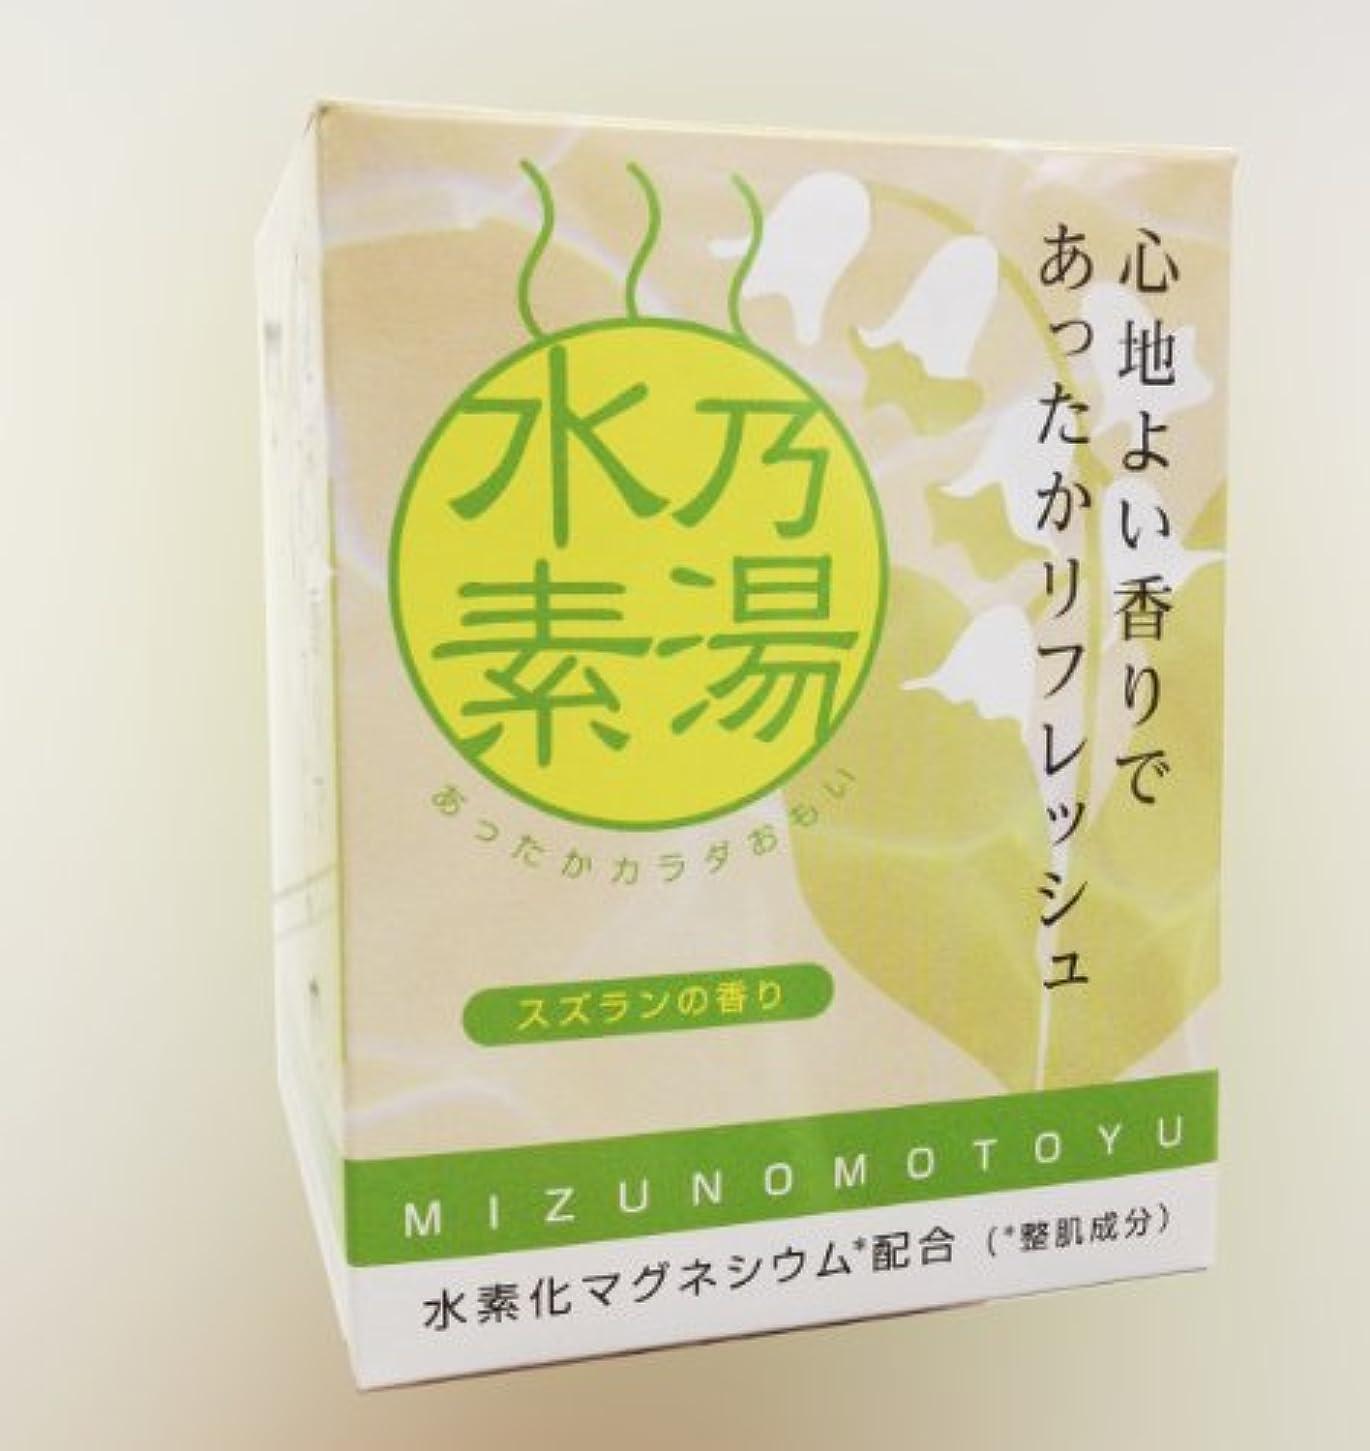 ナンセンス小道具自殺水乃素湯 水素化マグネシウムを使った入浴化粧料